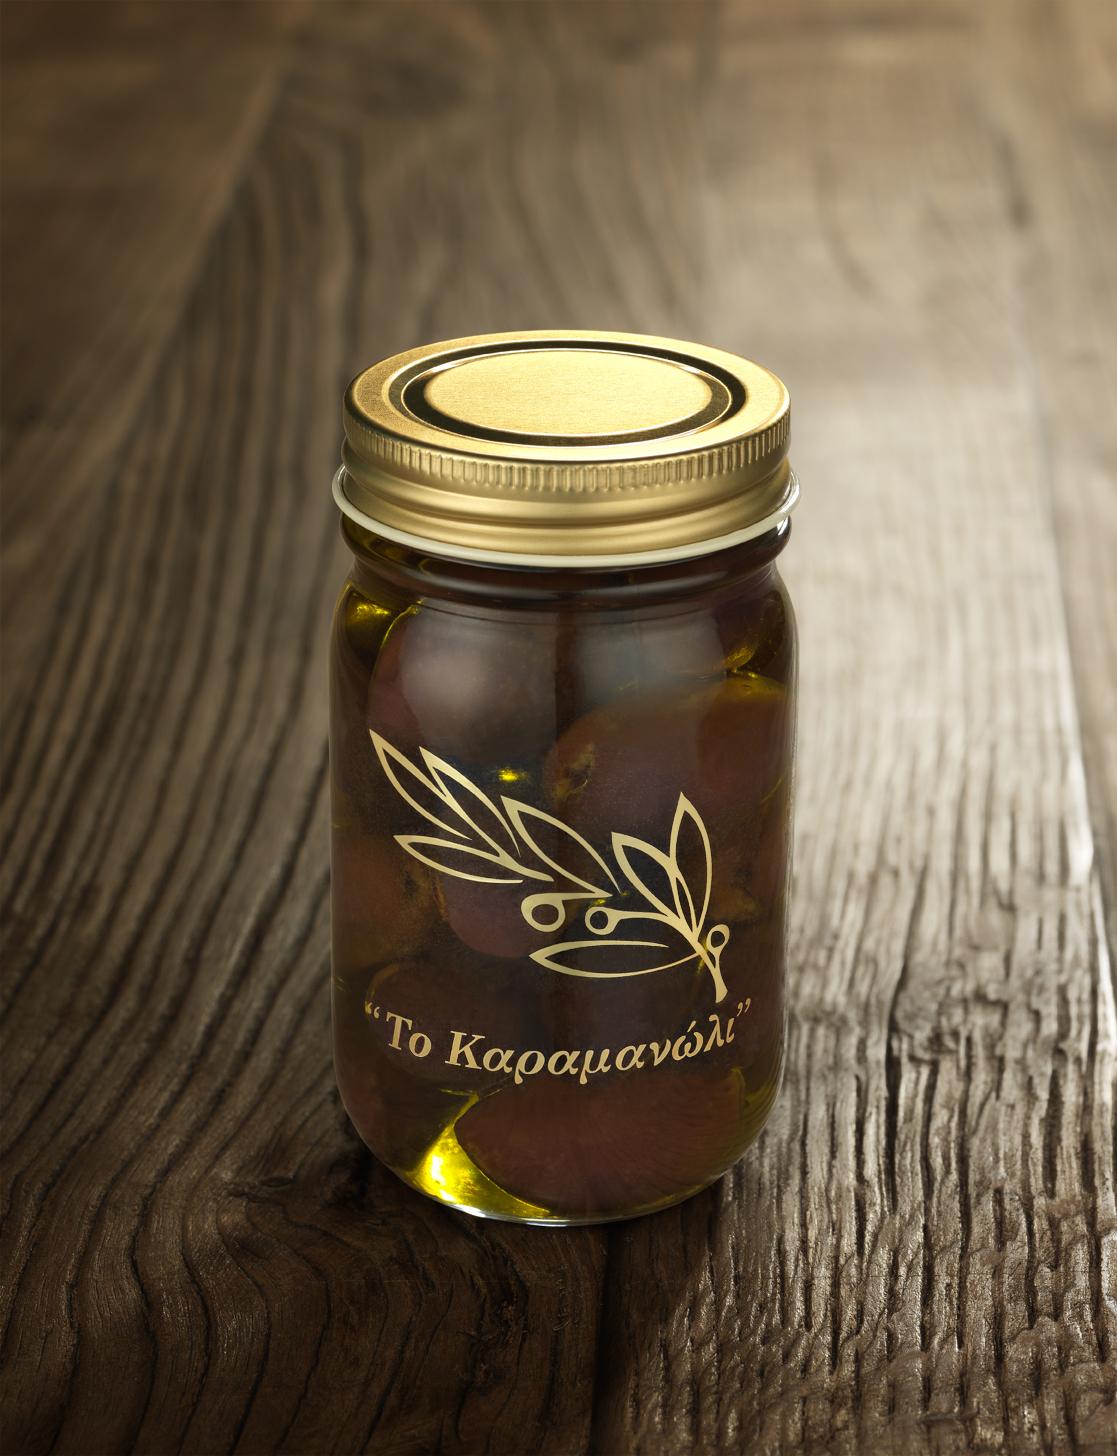 ギリシャ カラマタ産無農薬コロネイキ種オリーブの実「カラマノリ オリーブペースト」